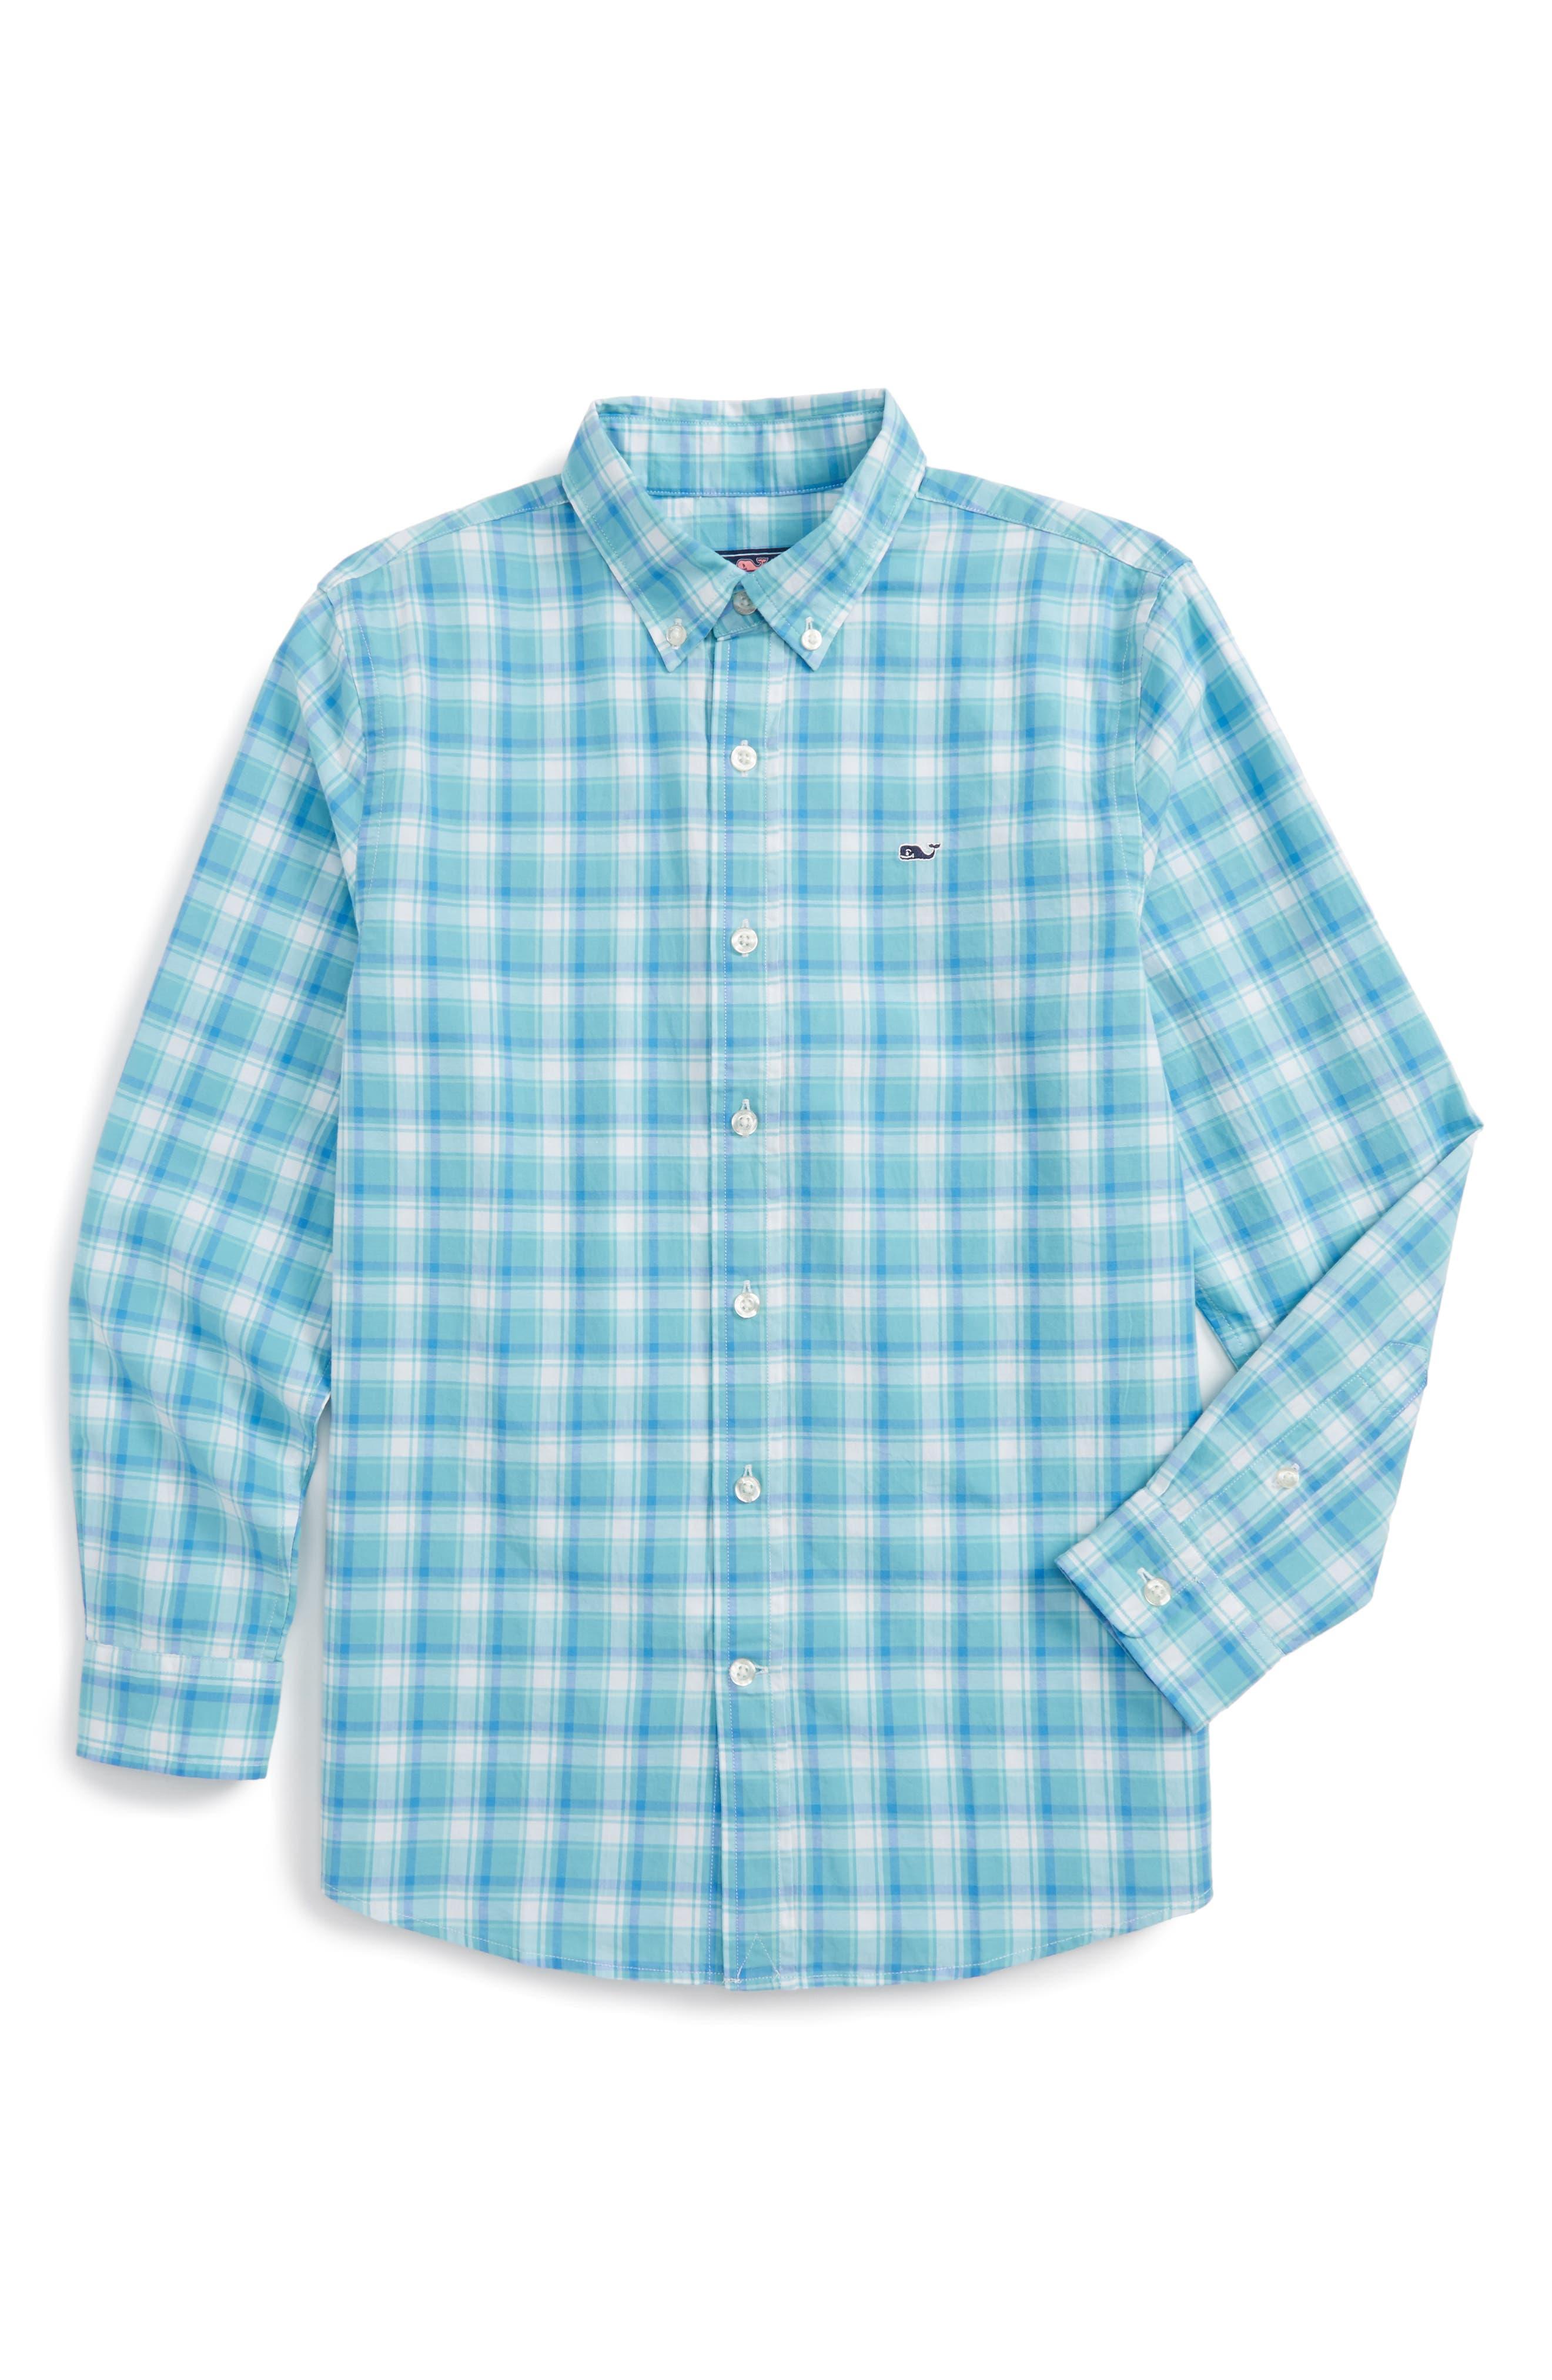 Point Plaid Cotton Shirt,                         Main,                         color, 442